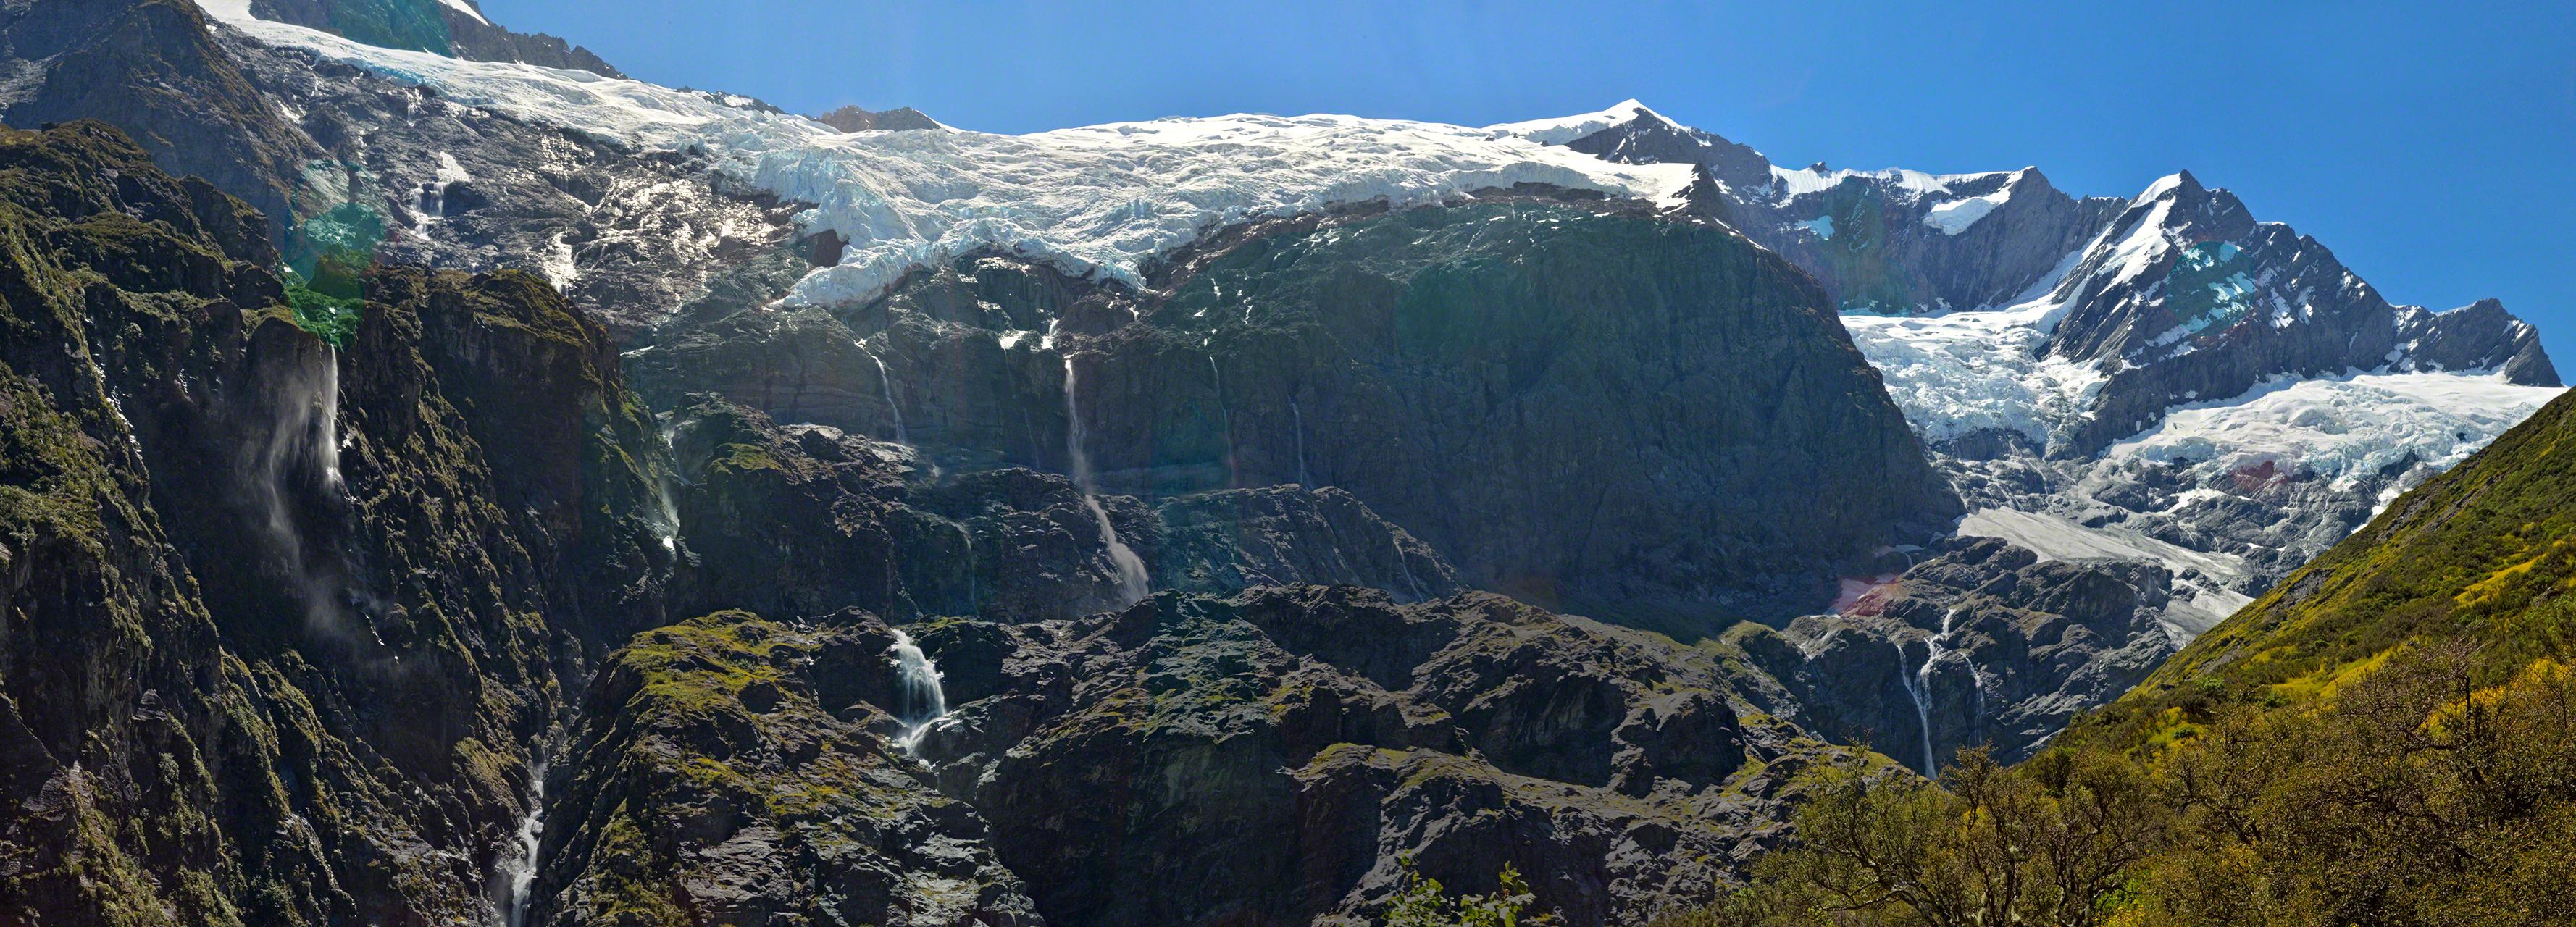 Rob Roy Glacier, near Wanaka, New Zealand